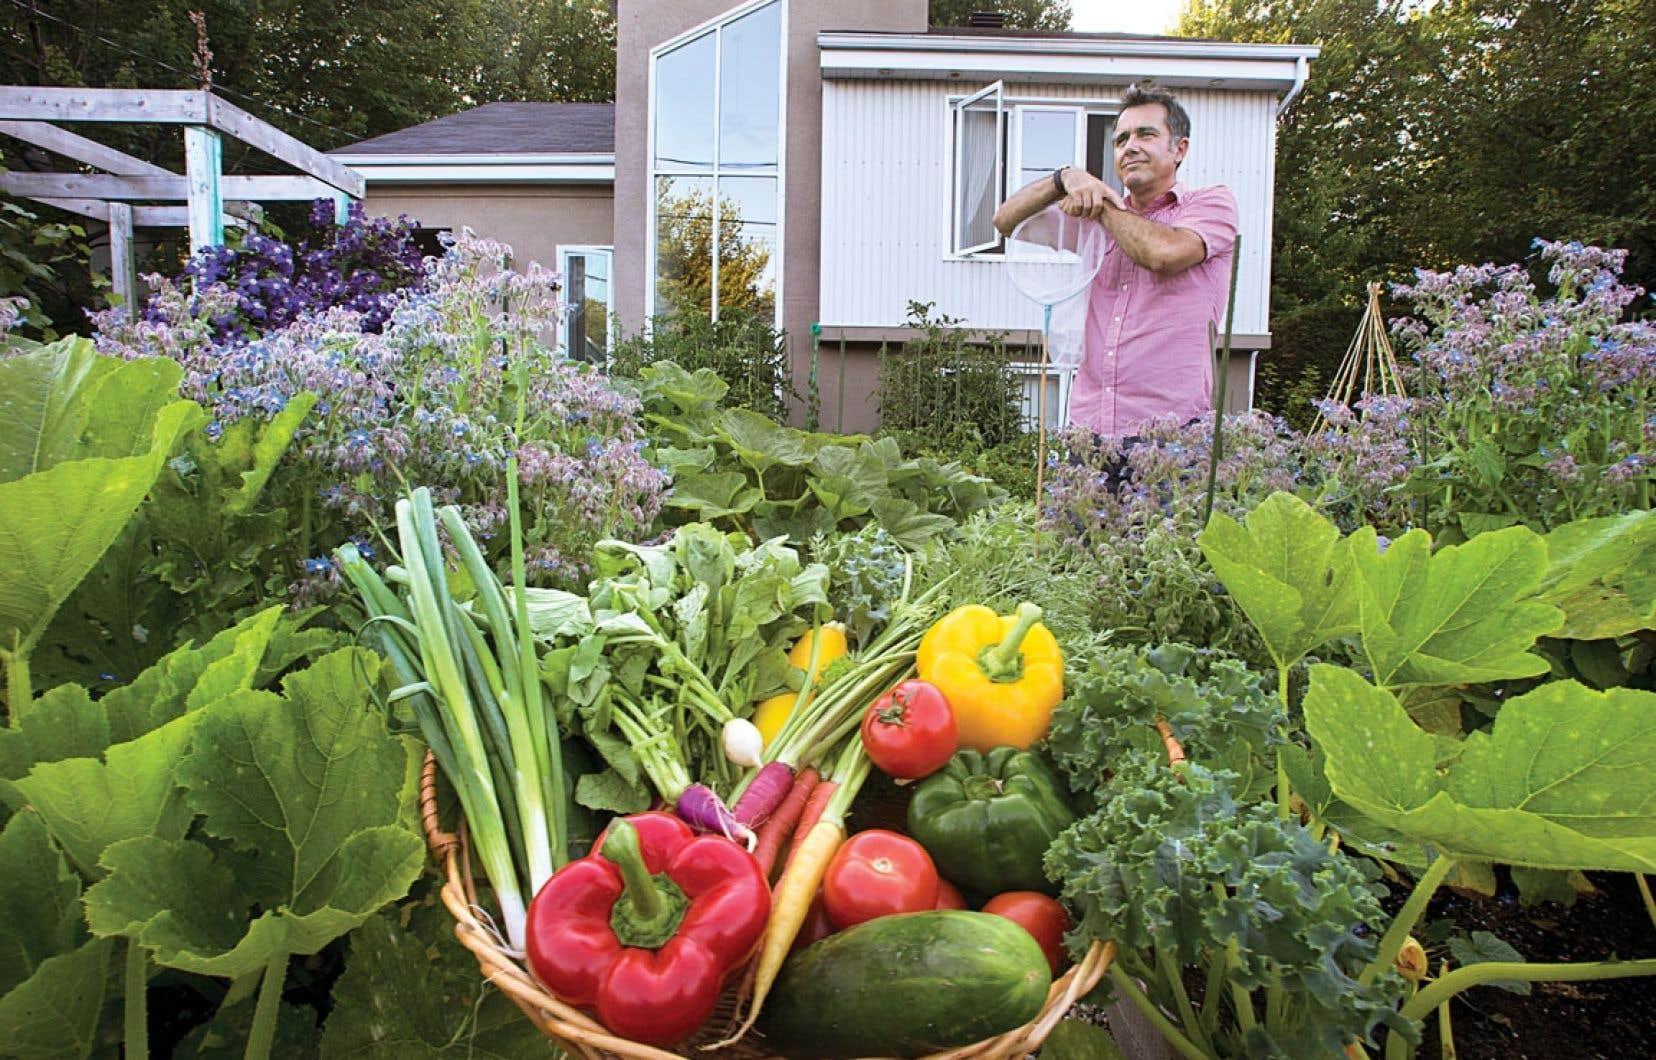 Michel Beauchamp reçoit aujourd'hui des demandes de ses voisins, qui veulent des conseils de jardinage.